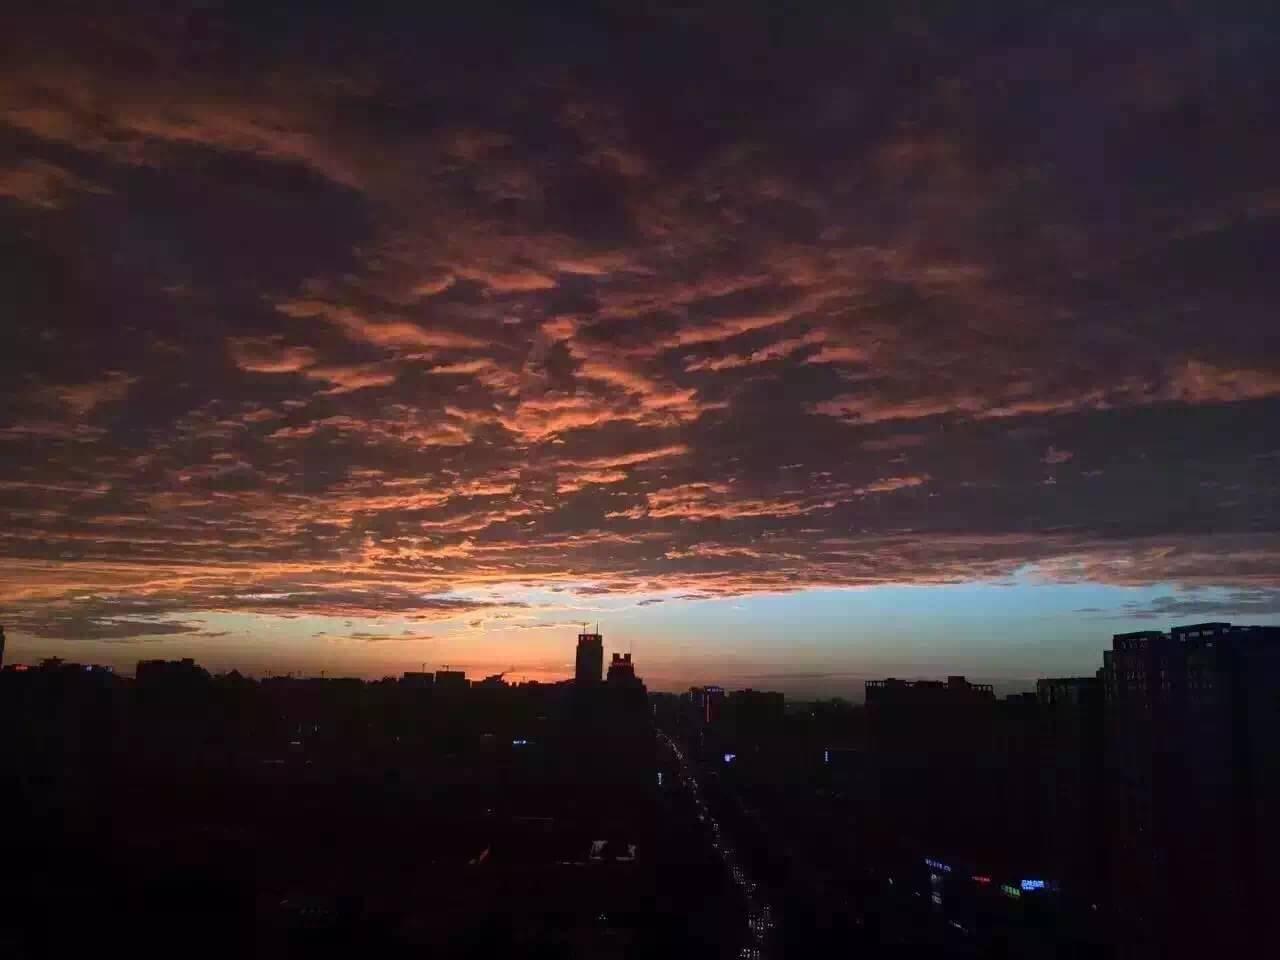 区域视角:雨后傍晚 大西安的奇幻瑰丽